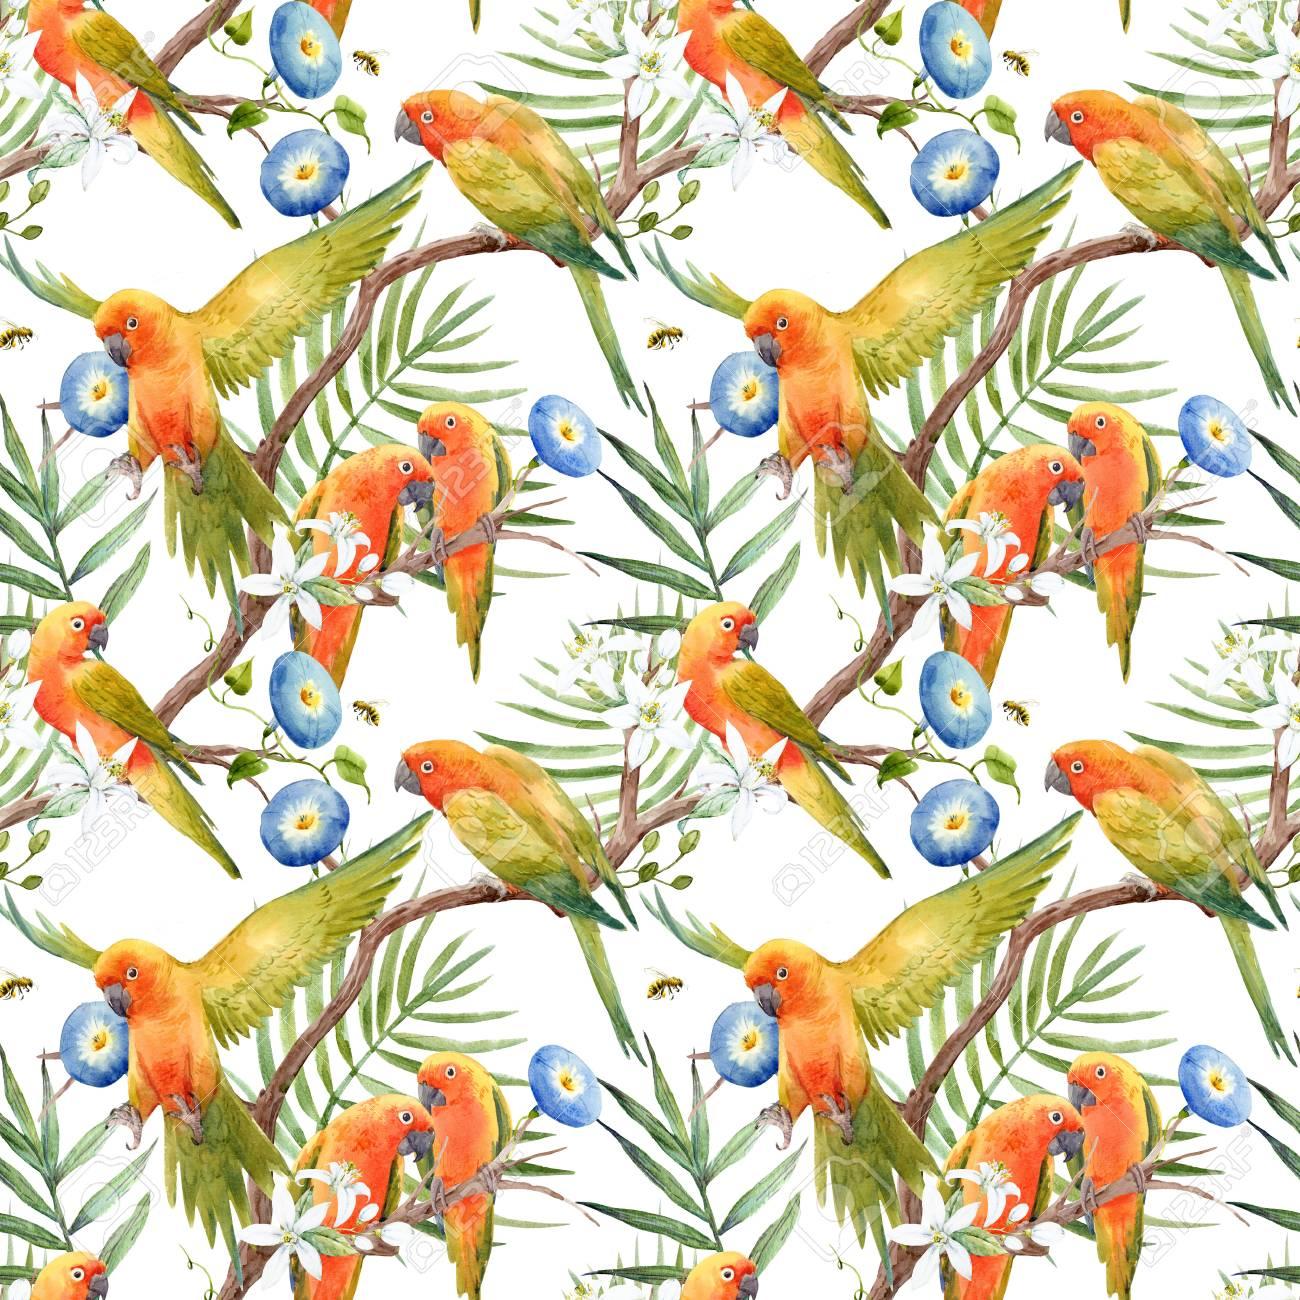 Tropical Parrots Wallpaper Birds Floral Green Blue Orange Watercolour Vinyl